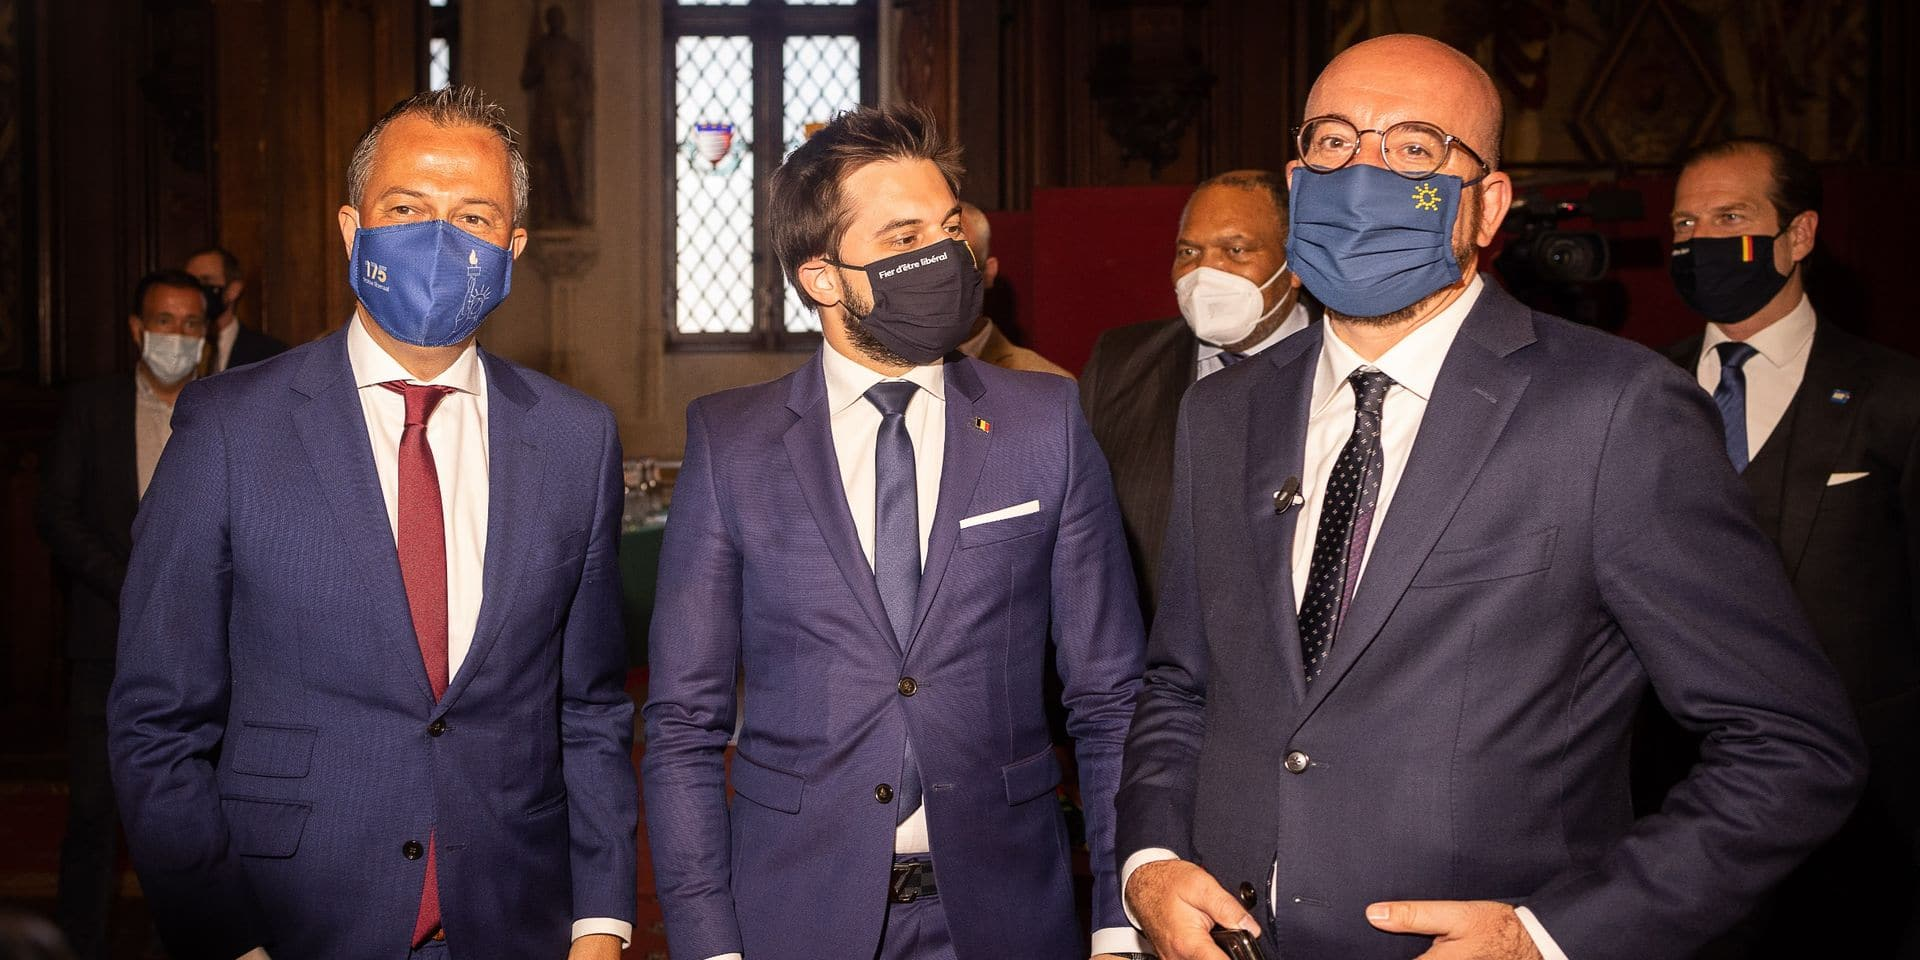 """175 ans des partis libéraux en Belgique : """"Le premier des défis, c'est de préserver la démocratie libérale des populistes et des extrémistes"""", note Georges-Louis Bouchez"""